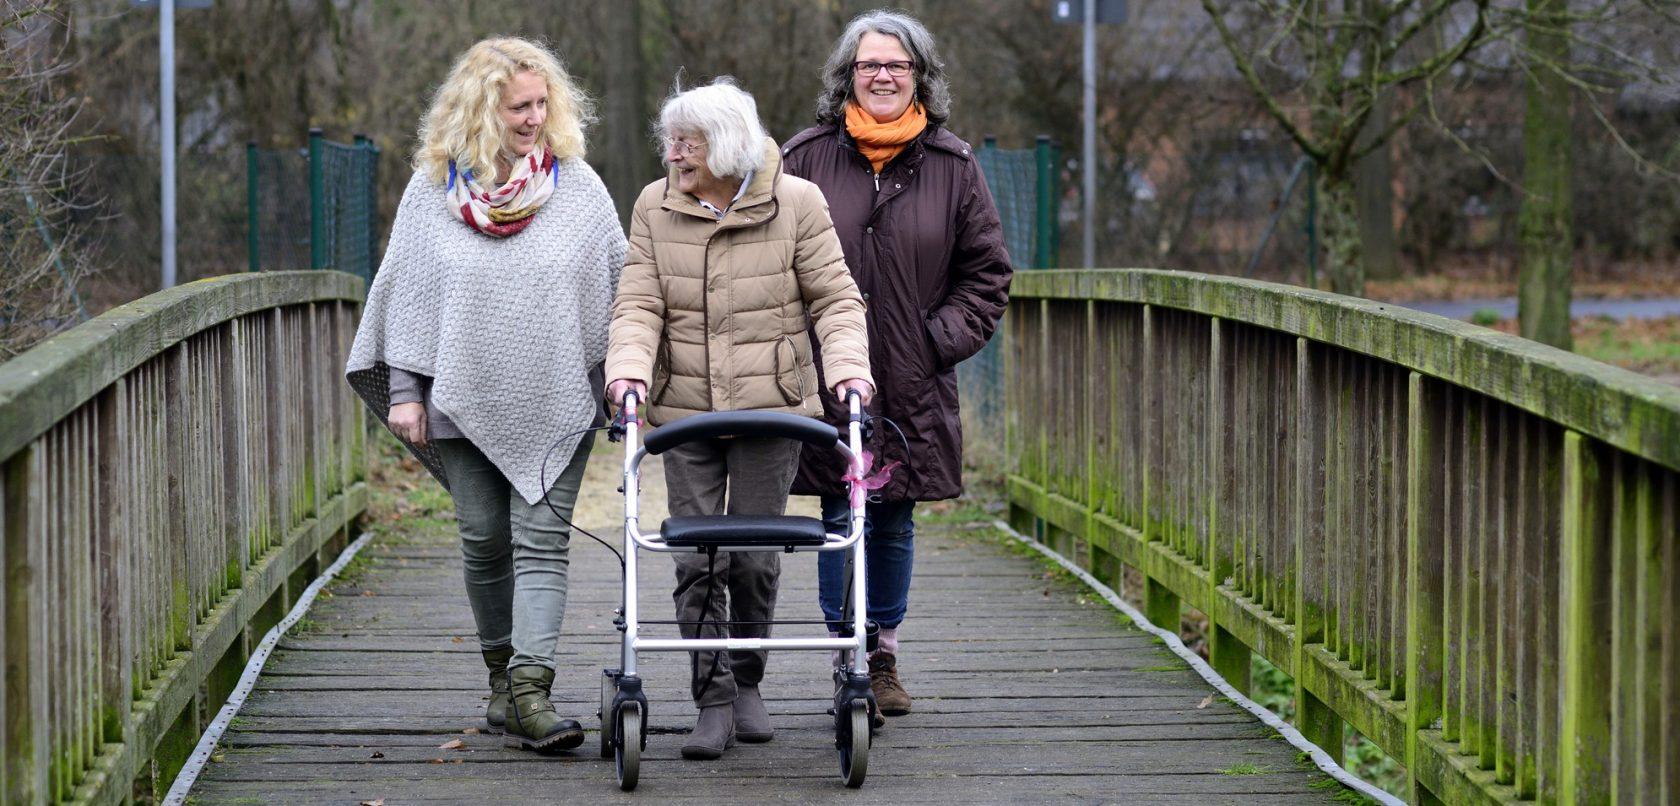 Senioren Husliche Altenpflege Spazieren gehen Banner